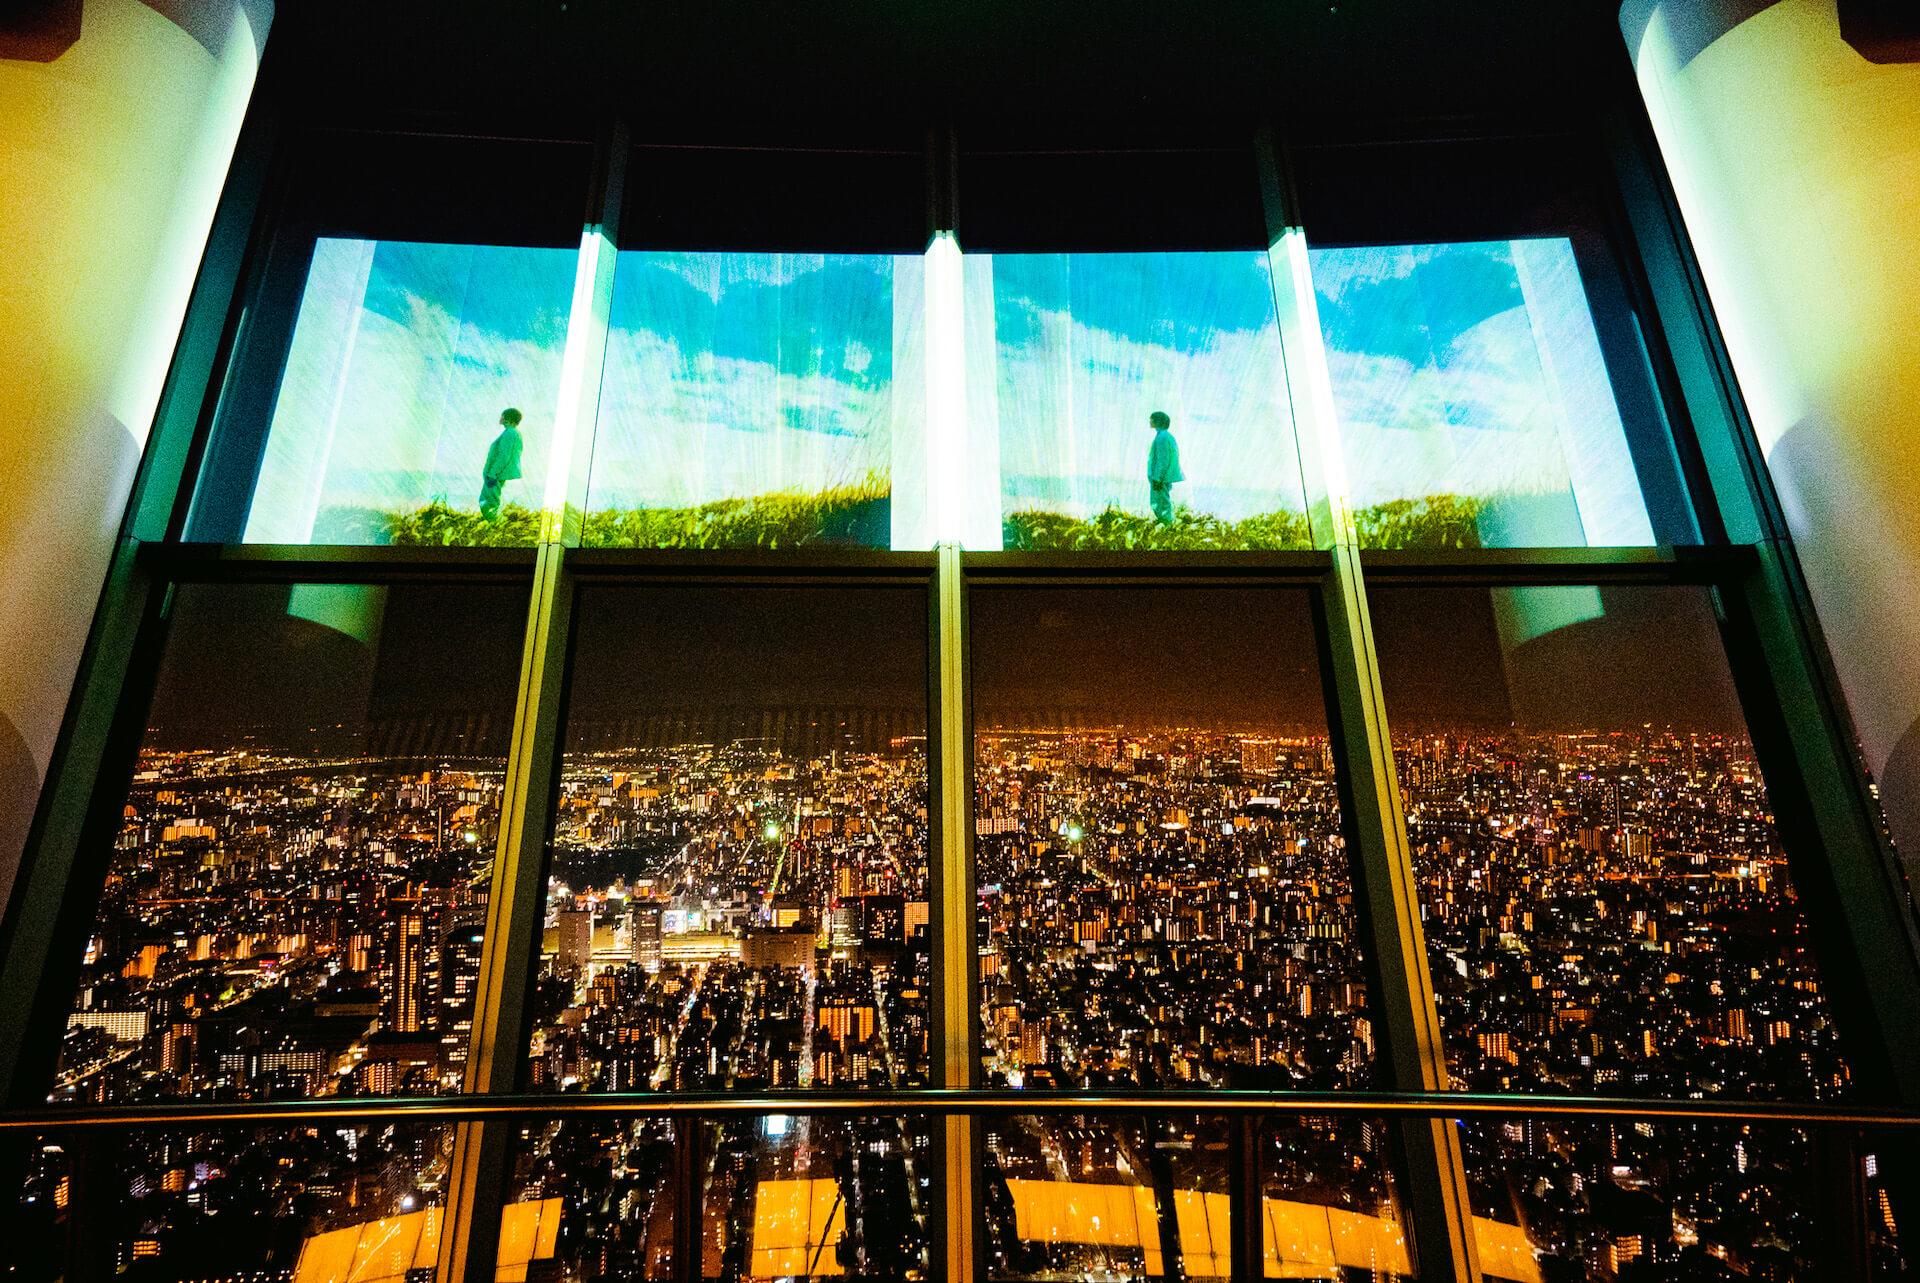 米津玄師ニューシングル『Pale Blue』発売記念で東京スカイツリーの特別ライティング&展望台でのMV上映が決定! music210611_yonezukenshi_10